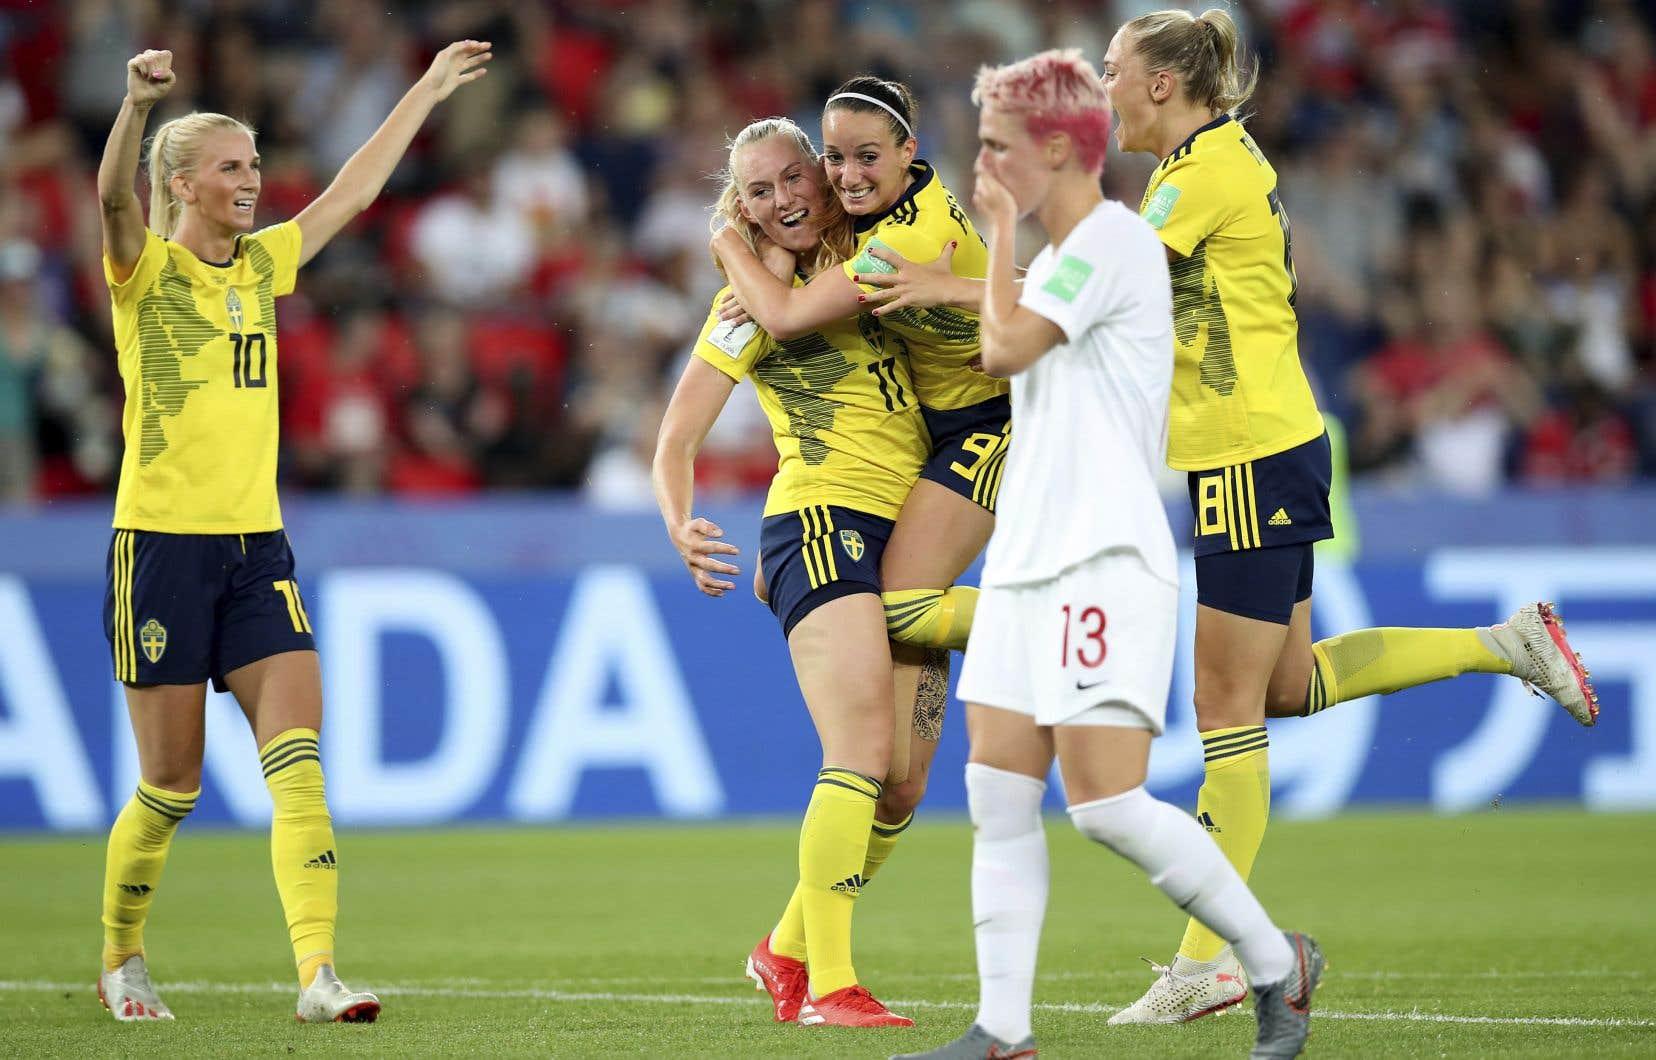 Les joueuses suédoises célèbrant après le but marqué par Stina Blackstenius à la 55e minute de jeu